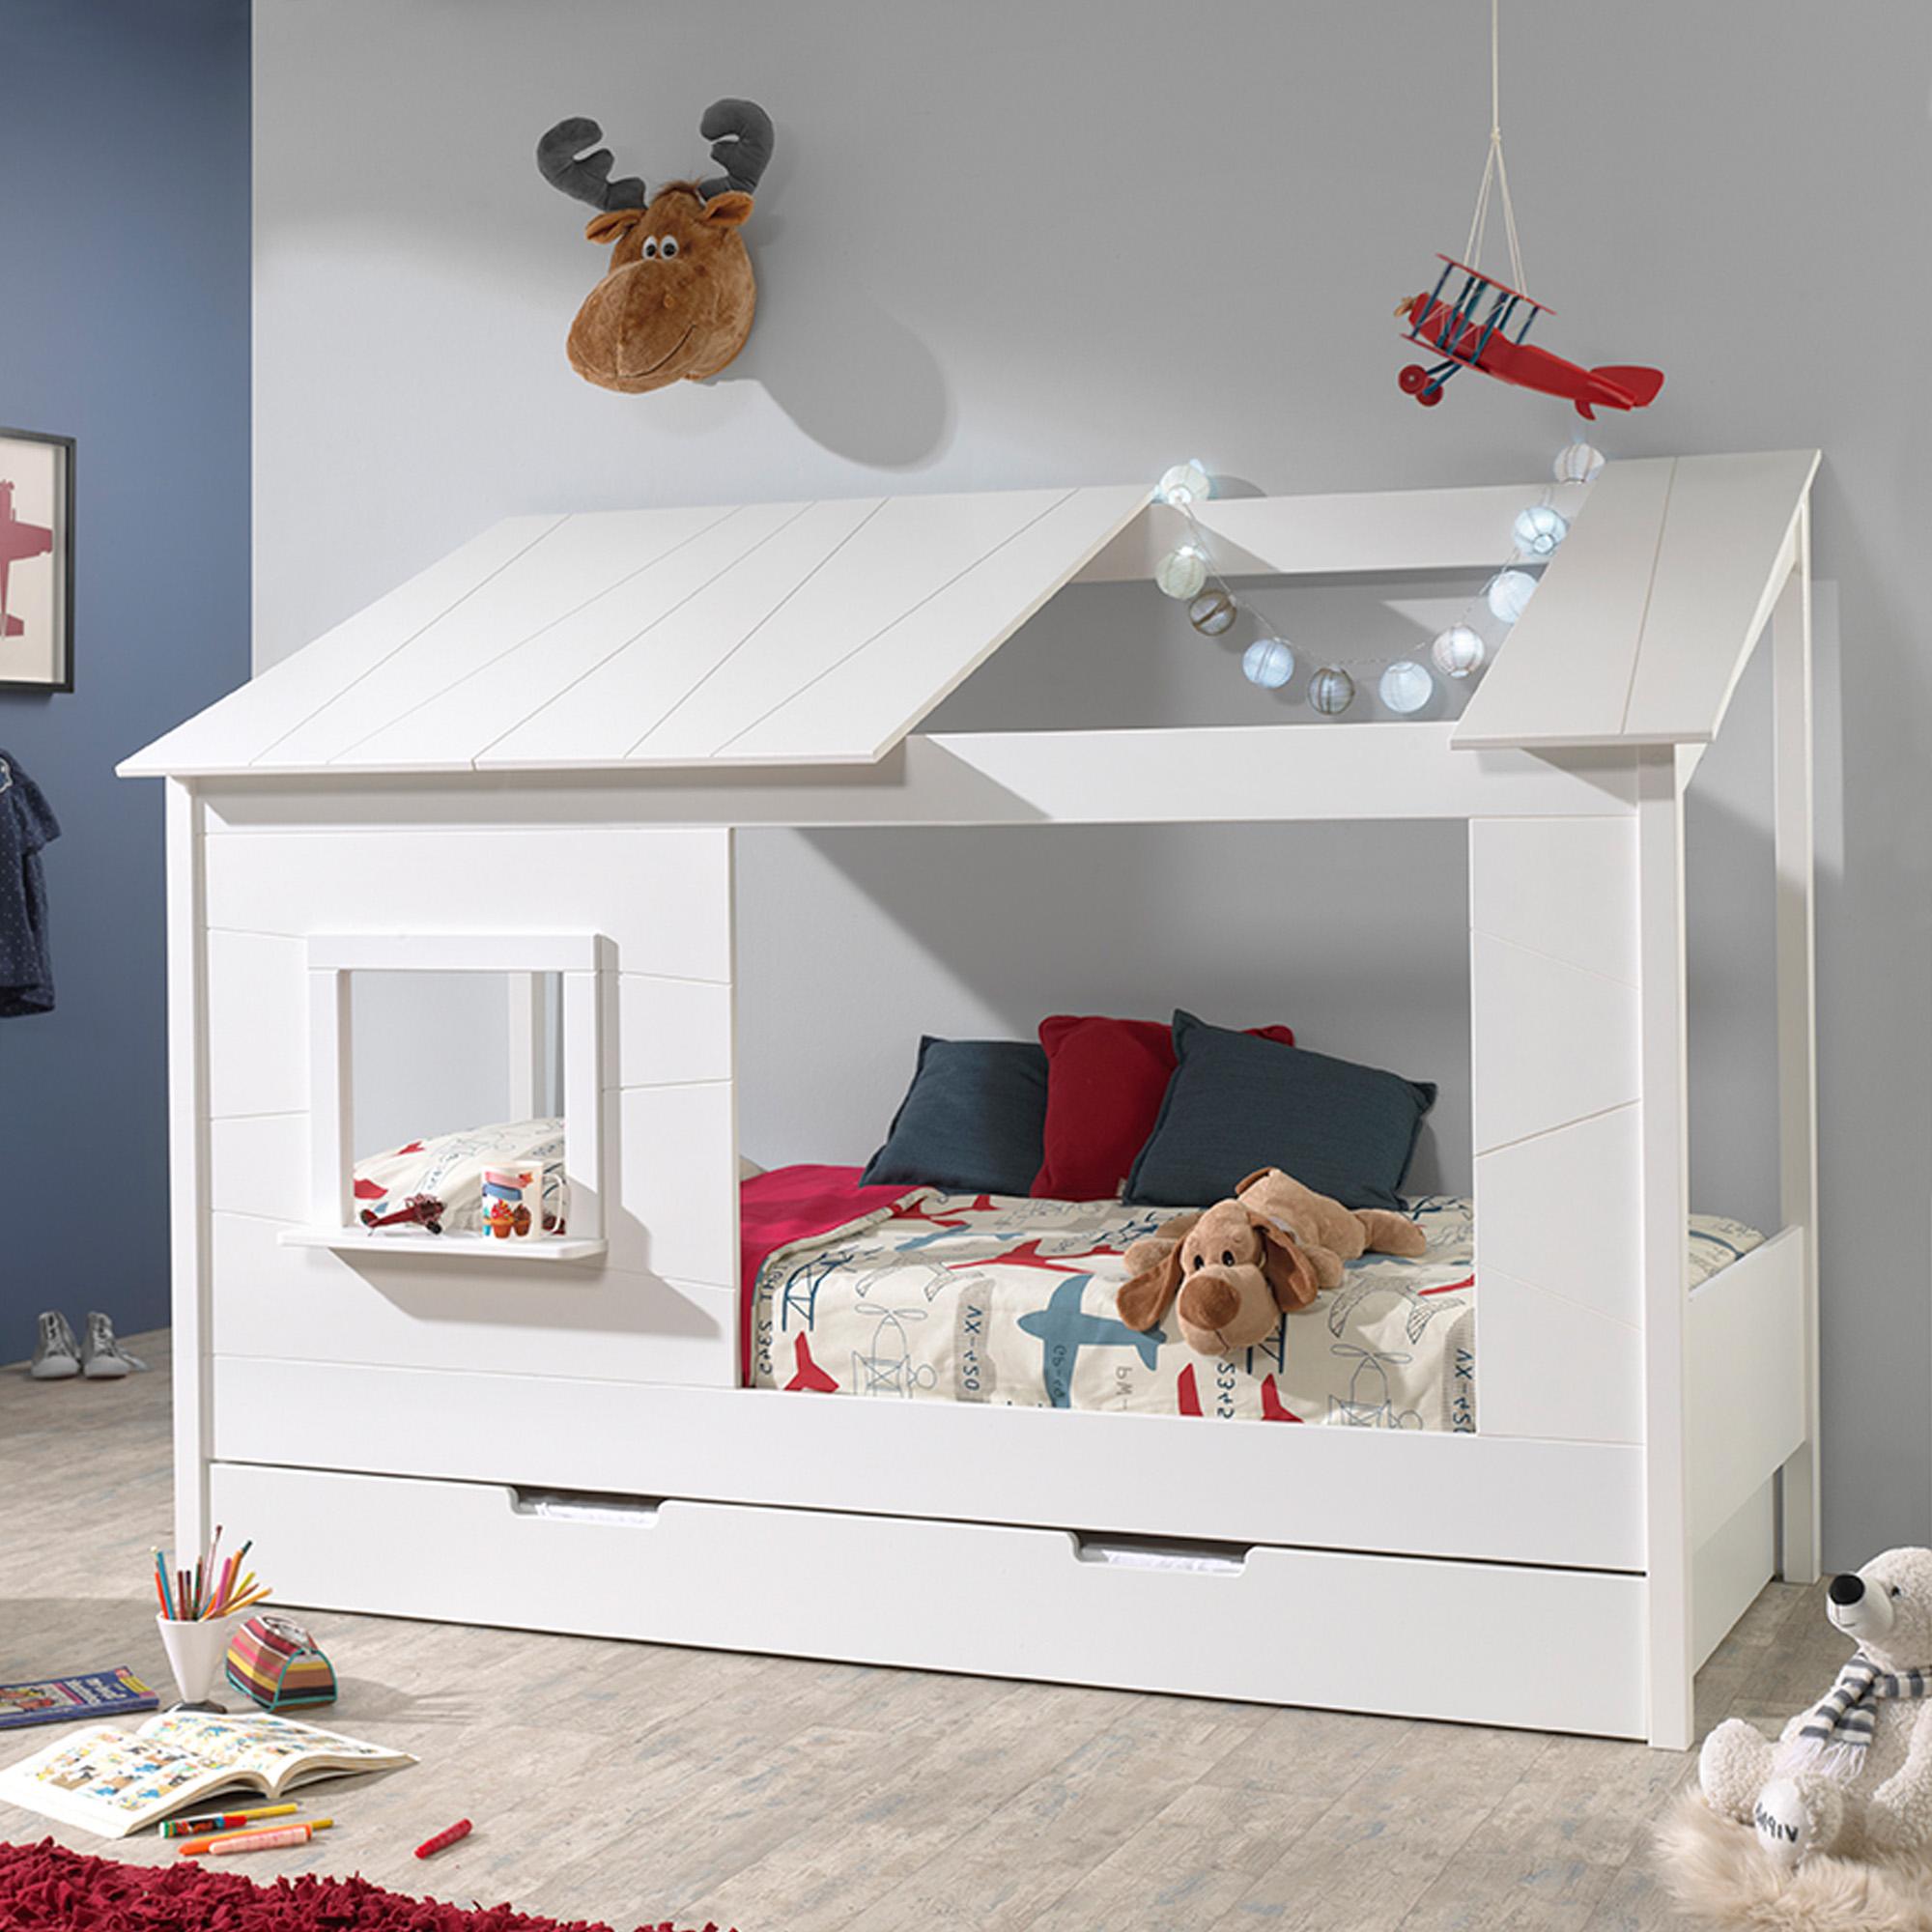 Full Size of Hausbett 90x200 Bett Weiß 100x200 Betten Wohnzimmer Hausbett 100x200